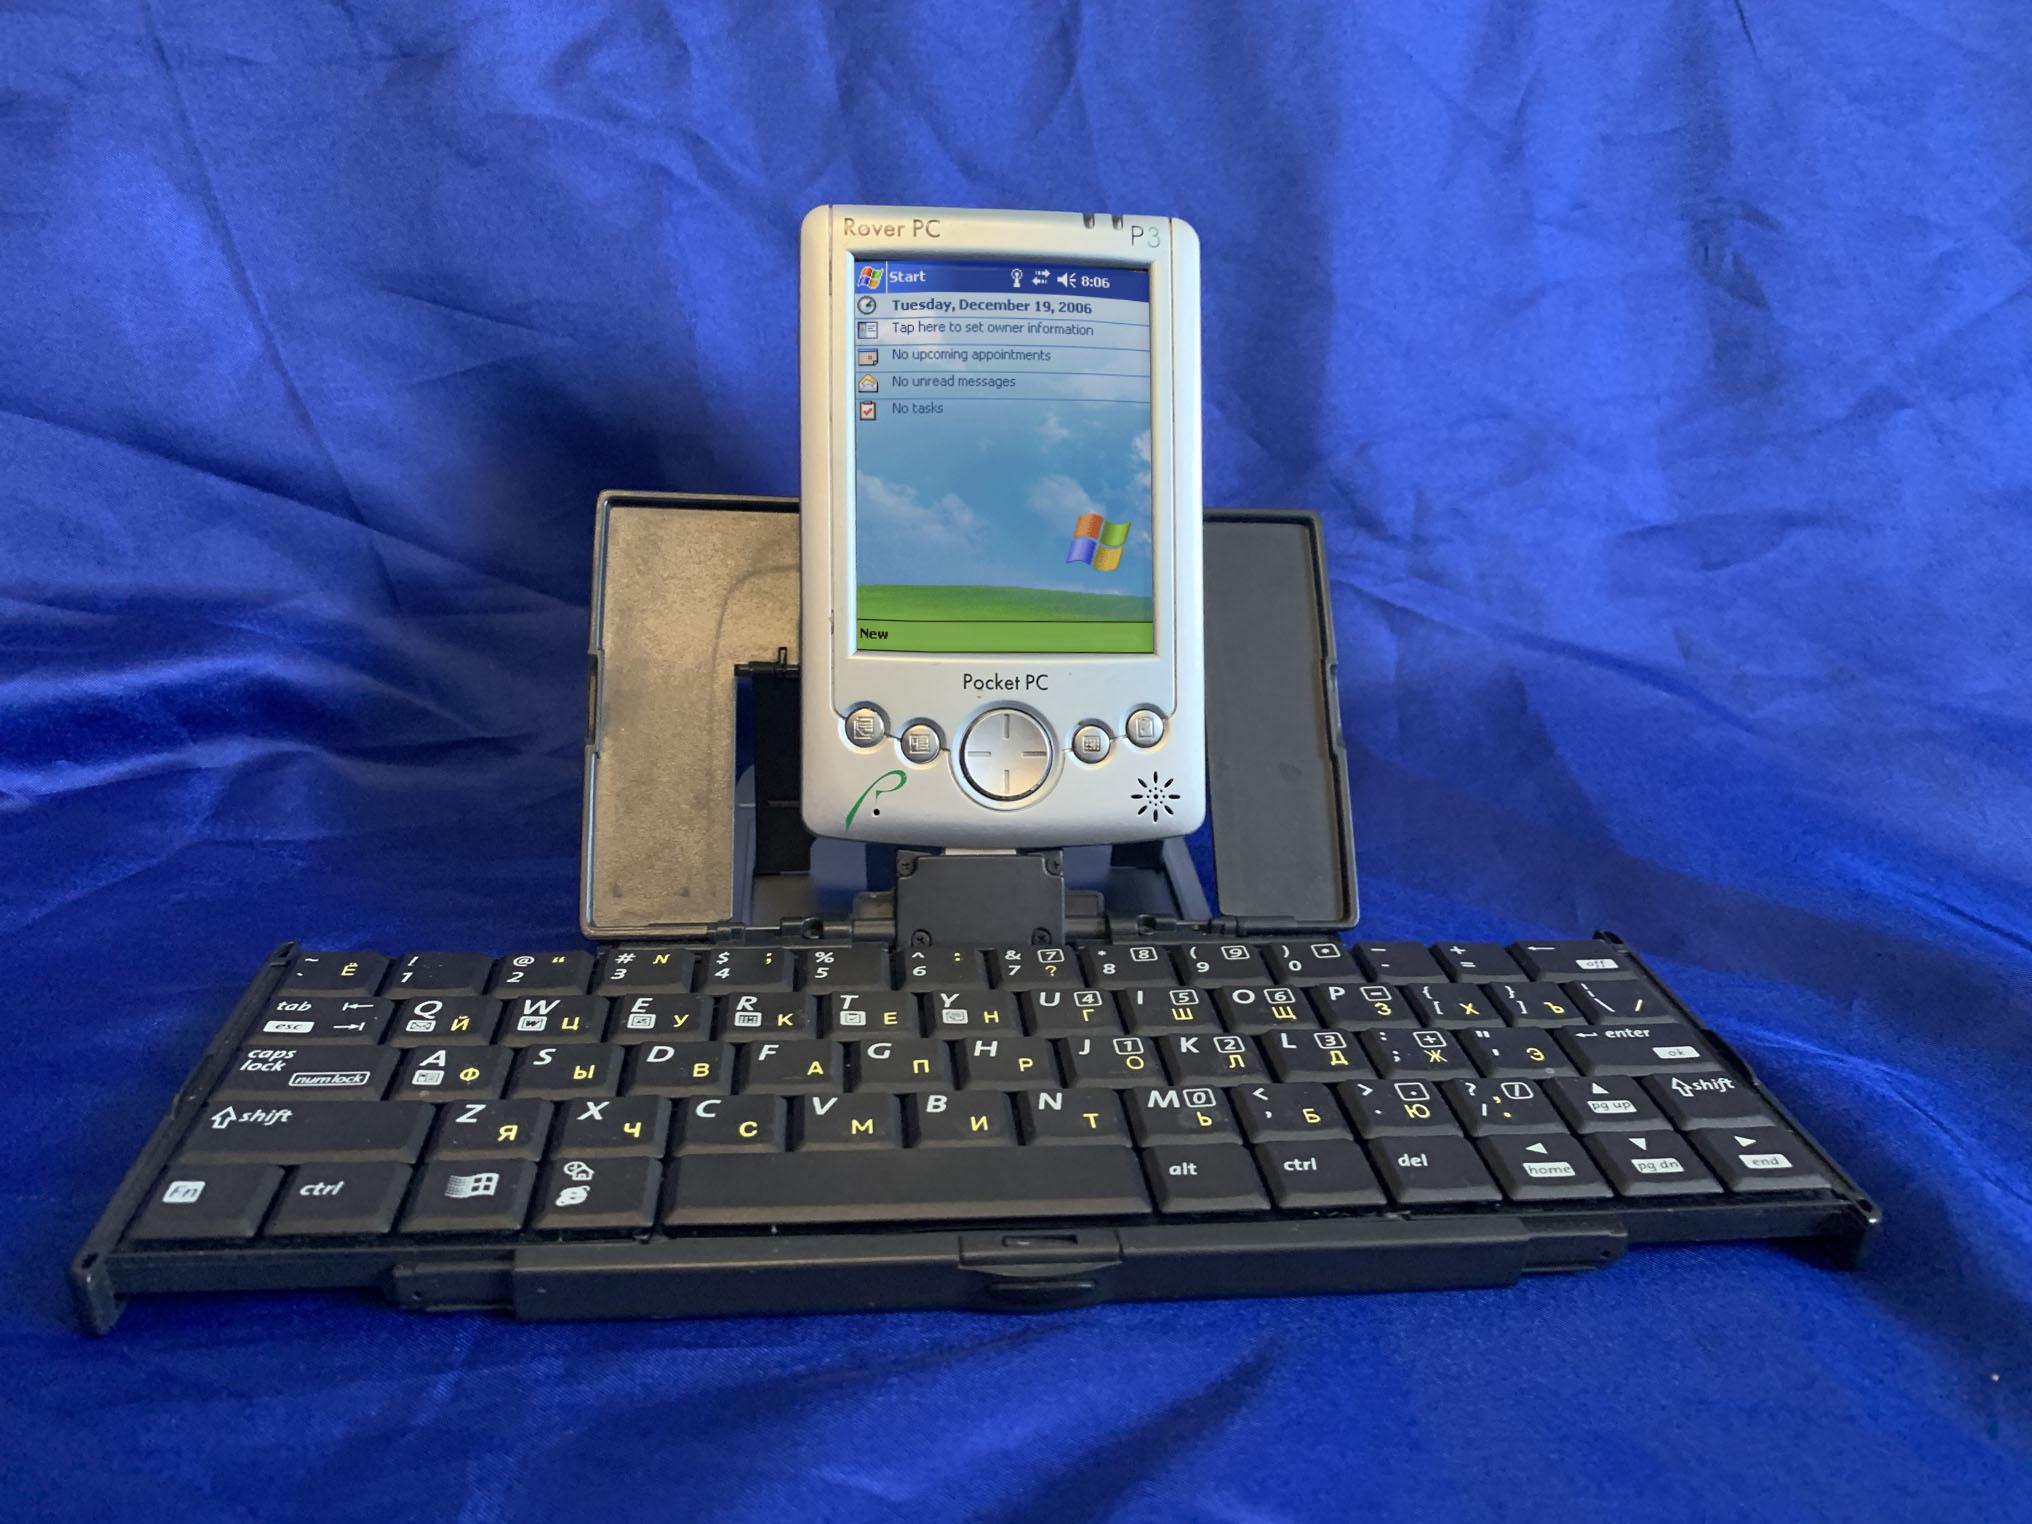 Мир на ладони. Вспоминаем карманные компьютеры Pocket PC - 1